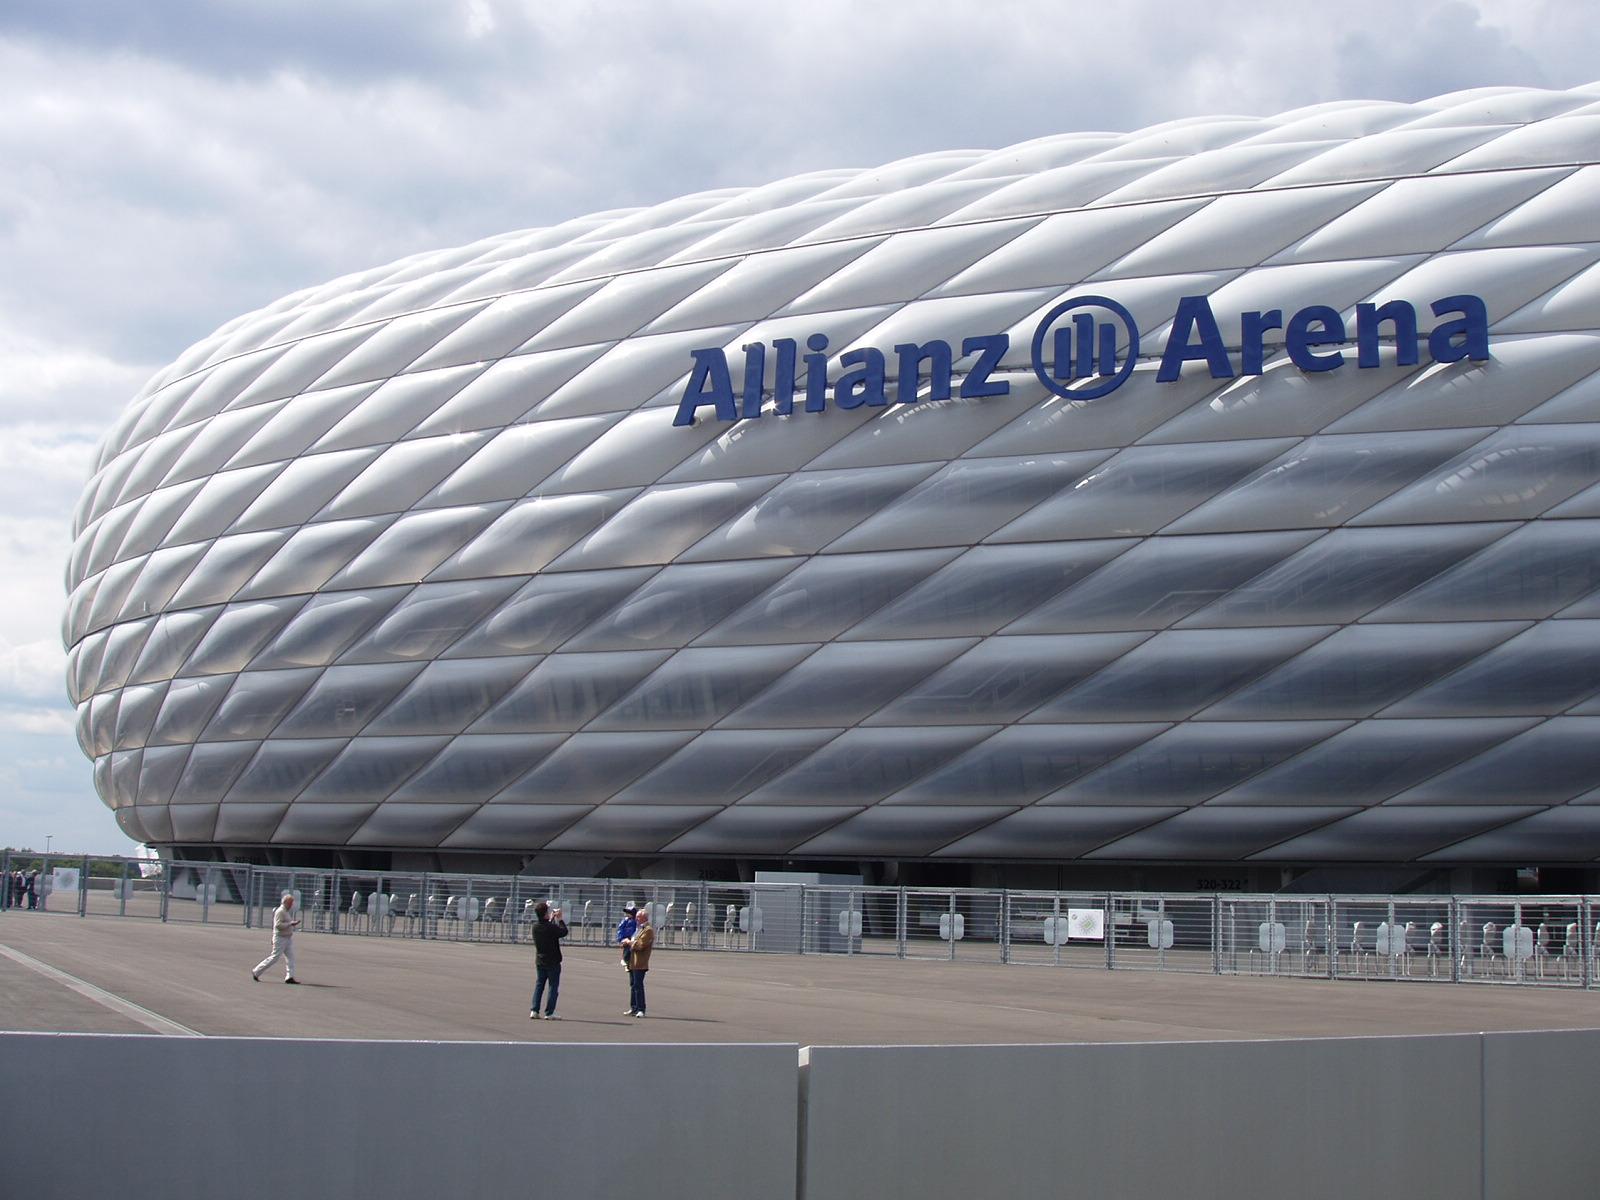 http://3.bp.blogspot.com/--Q_NNWfl_-E/T7U0JkzfB4I/AAAAAAAAA1Q/jBOK3b4F1zY/s1600/Allianz_Arena_2005-06-10.jpeg